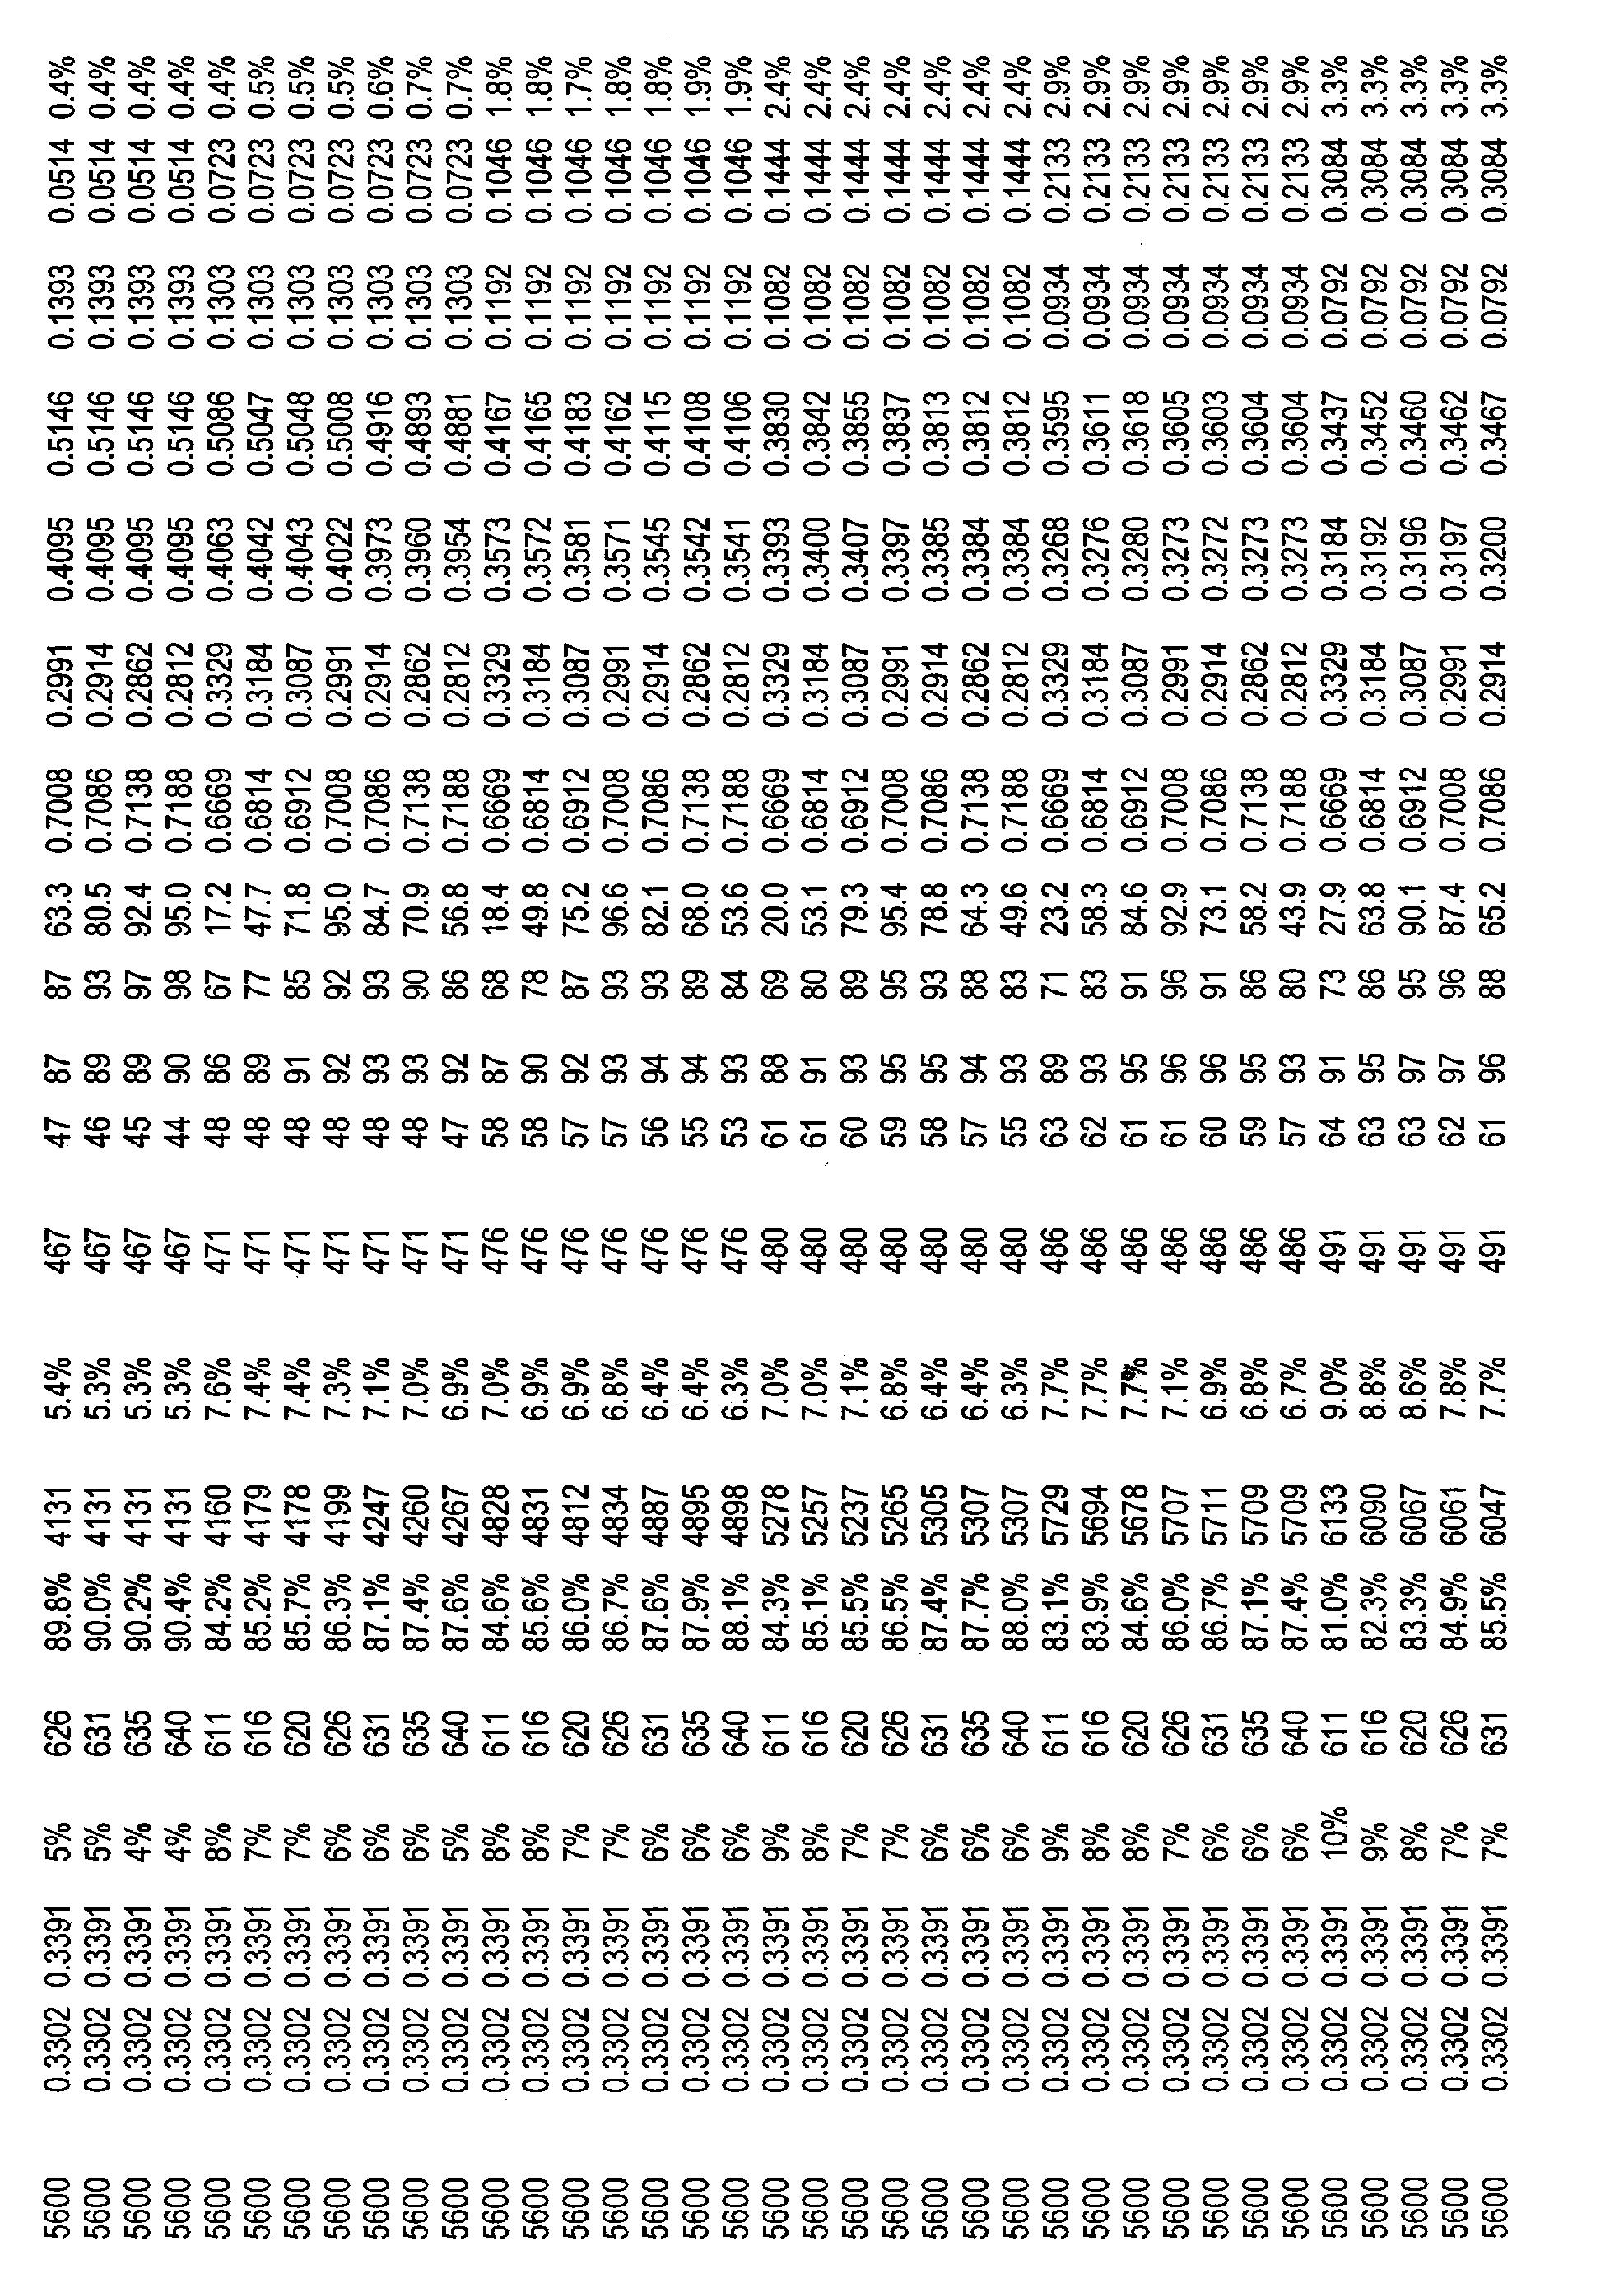 Figure CN101821544BD00481